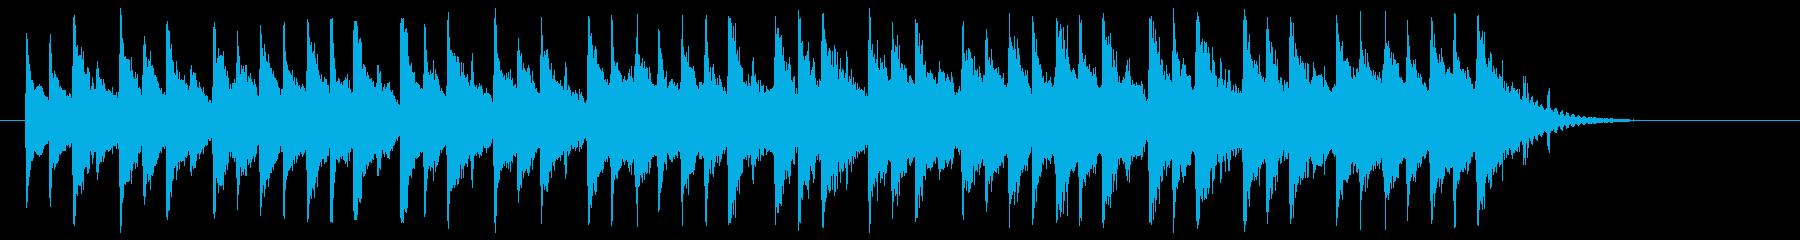 琴、三味線等のしっとり和風バラードBGMの再生済みの波形